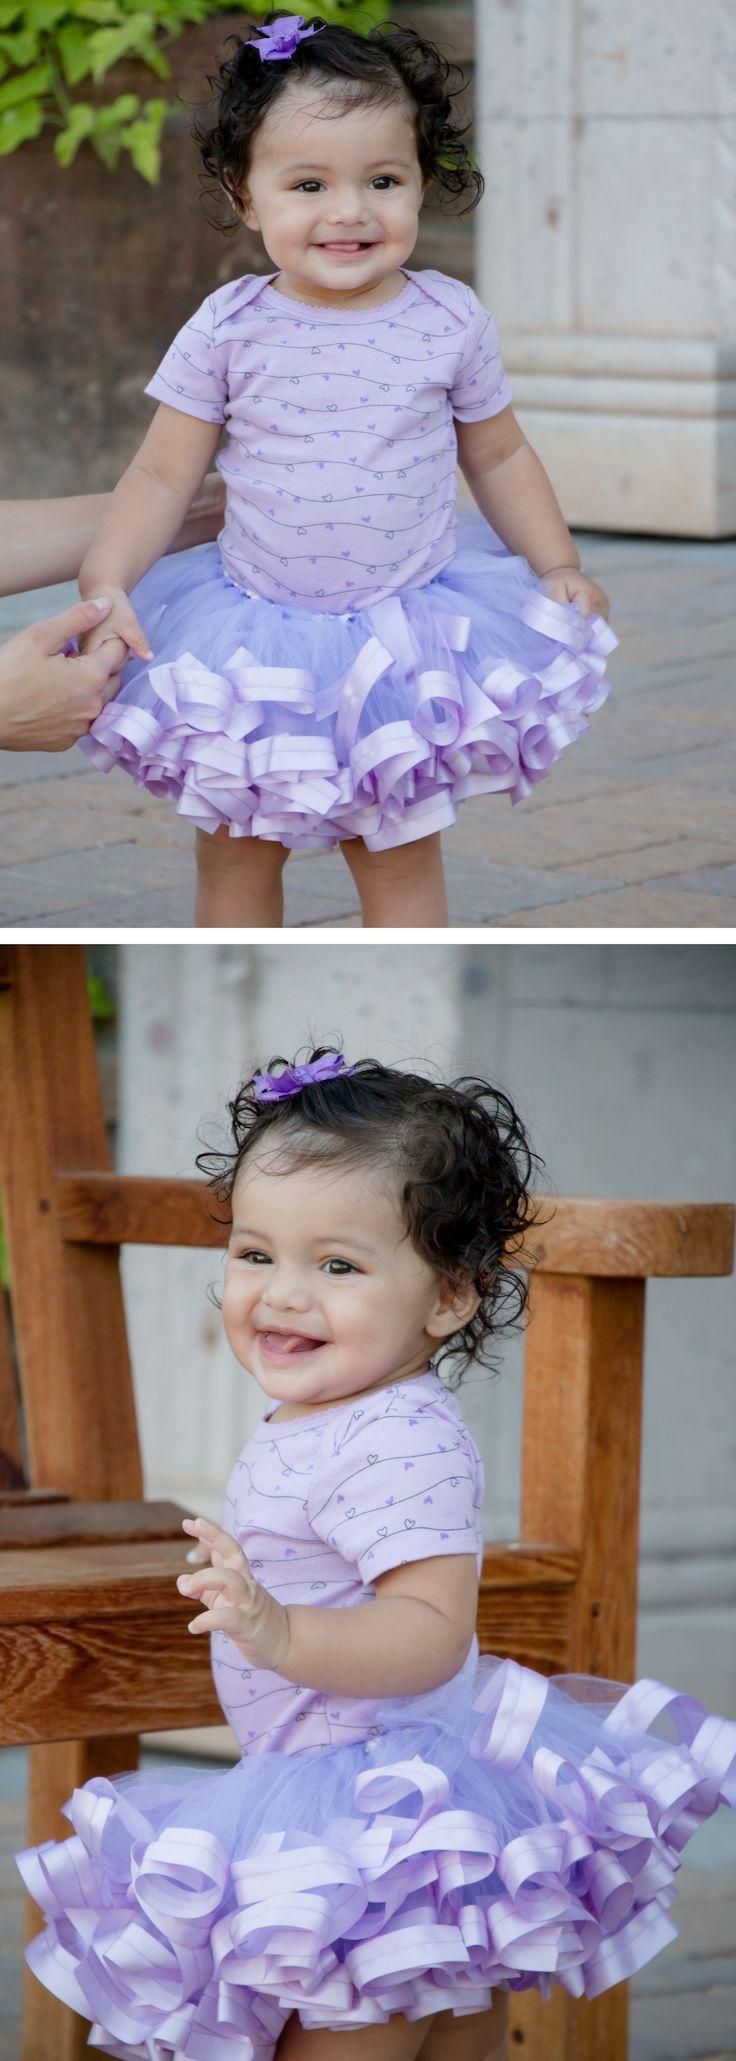 Lavender Tutu Baby Girl, Baby Tutu 1st Birthday Cake Smash